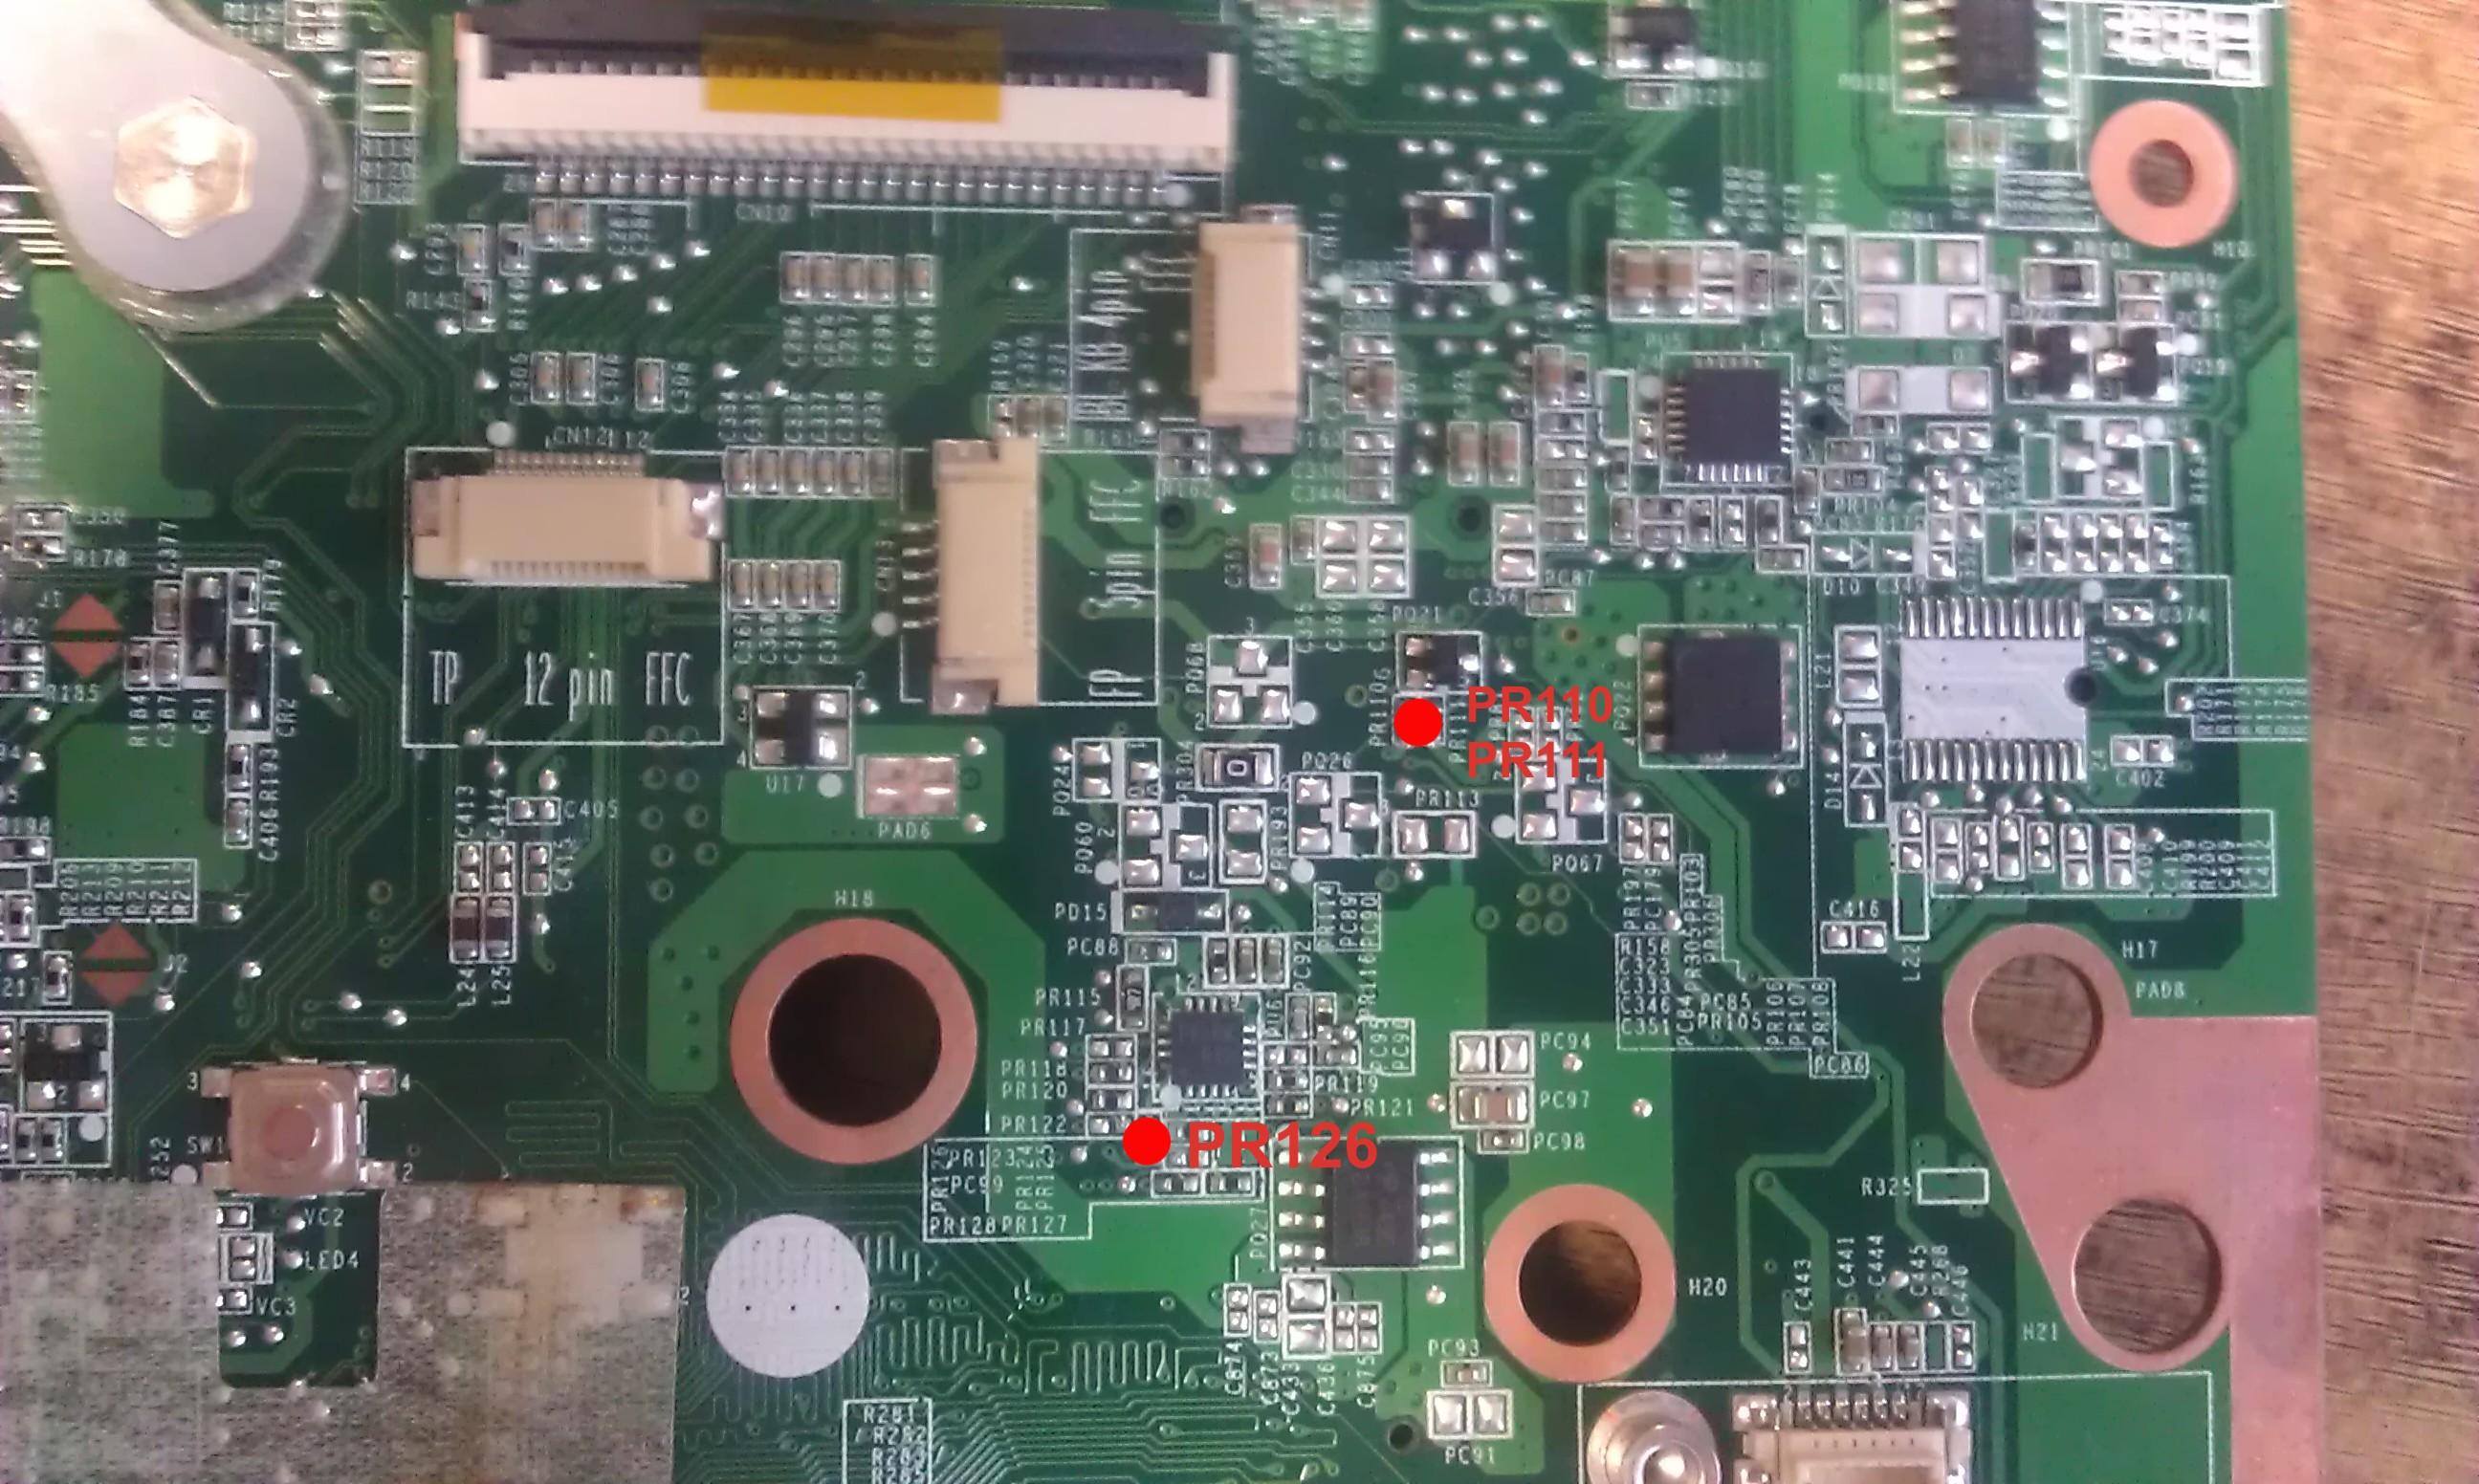 HP DV6-2120ew - Pro�ba o identyfikacj� element�w na p�ycie